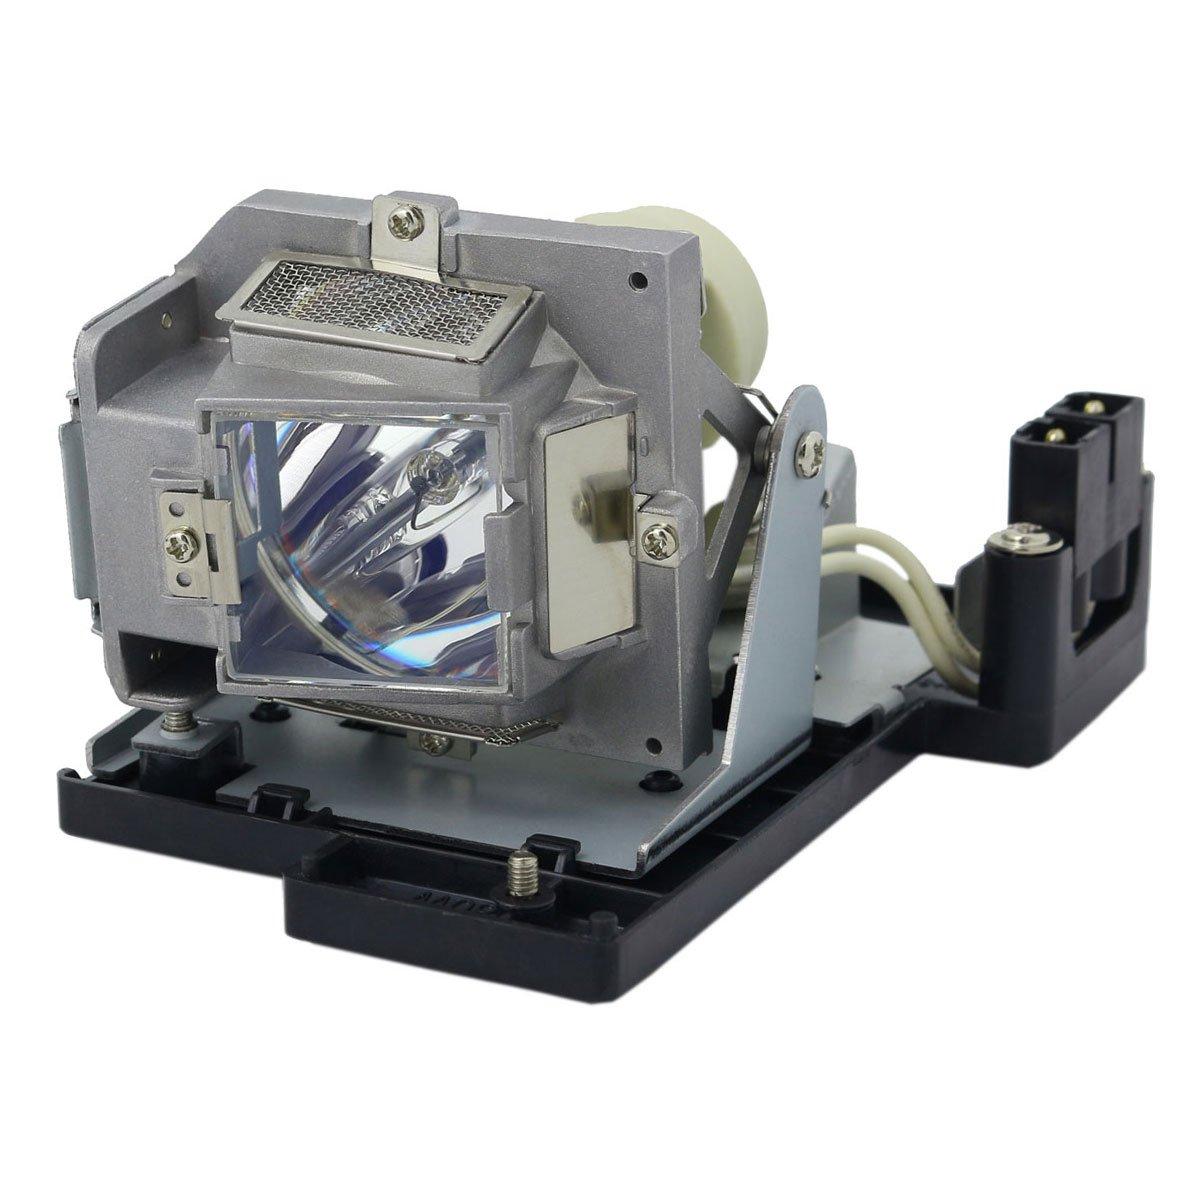 AuraBeam Professional Optoma ex532プロジェクタ用交換ランプハウジング( Powered by Osram )   B01BG0GF6K